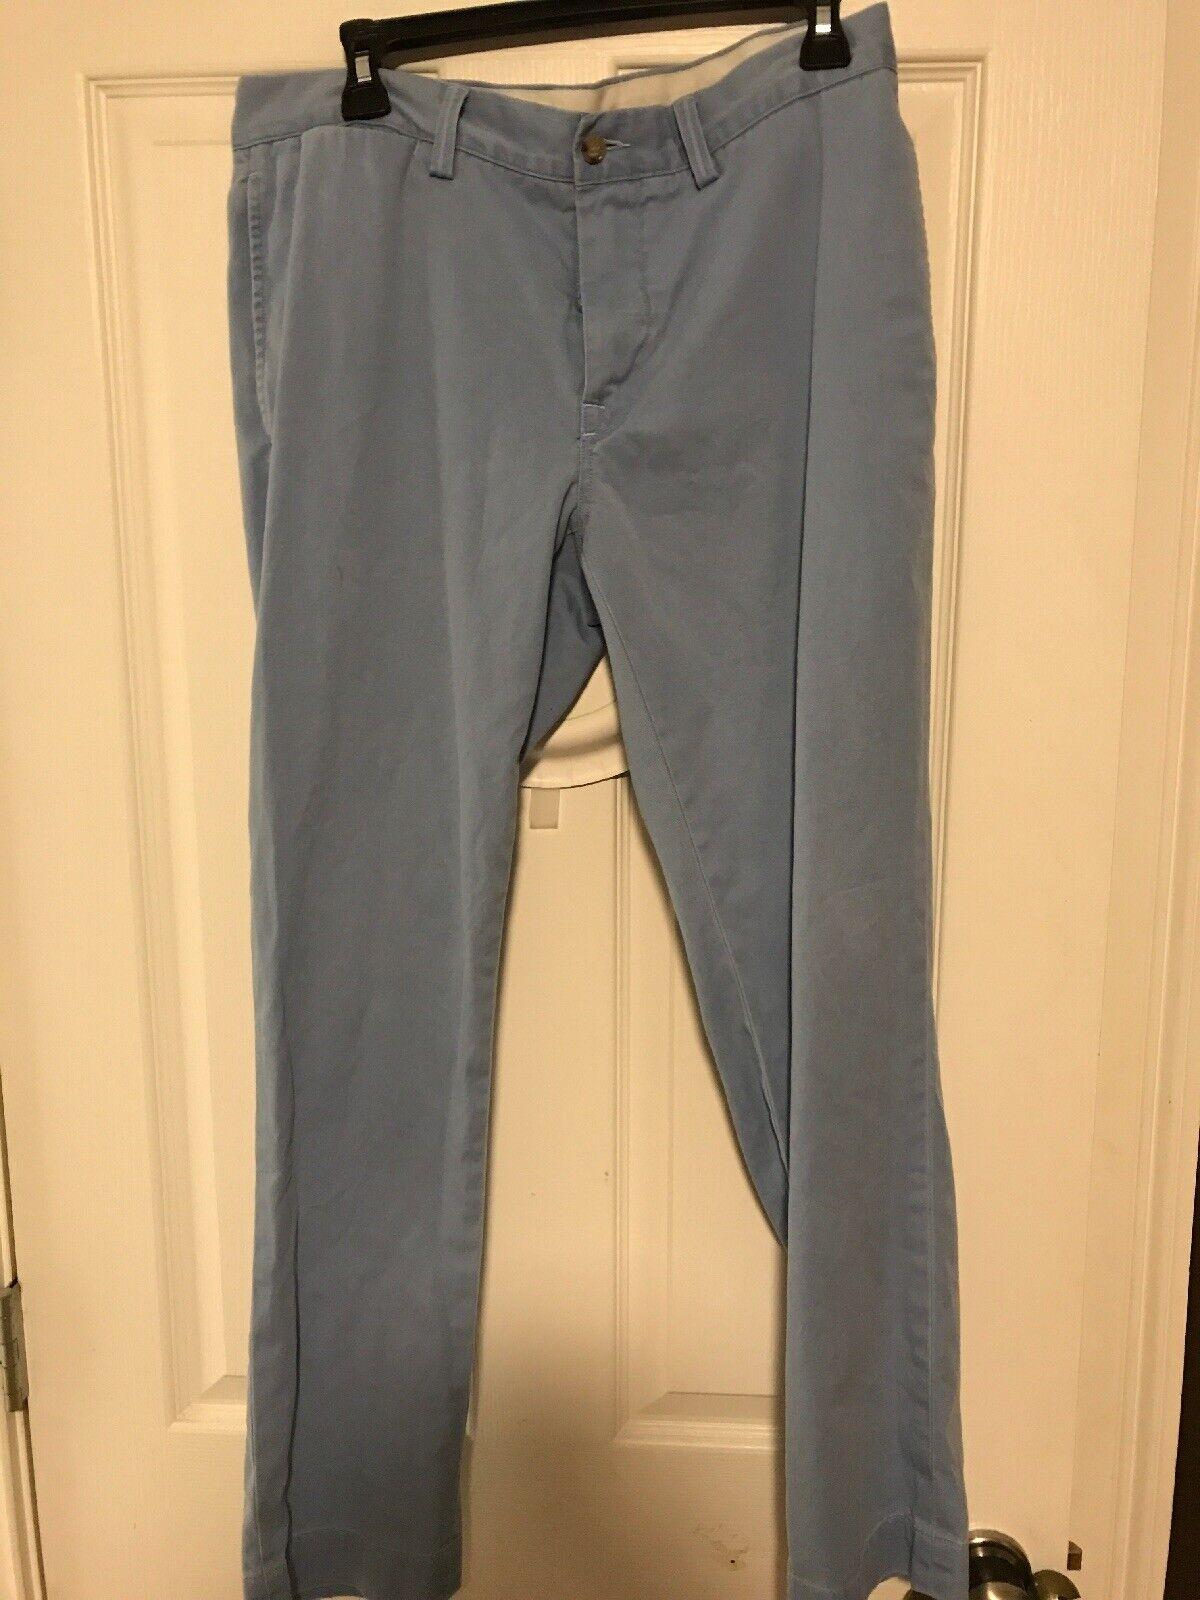 Ralph Lauren Light bluee Dress Paints. Men's 32 30